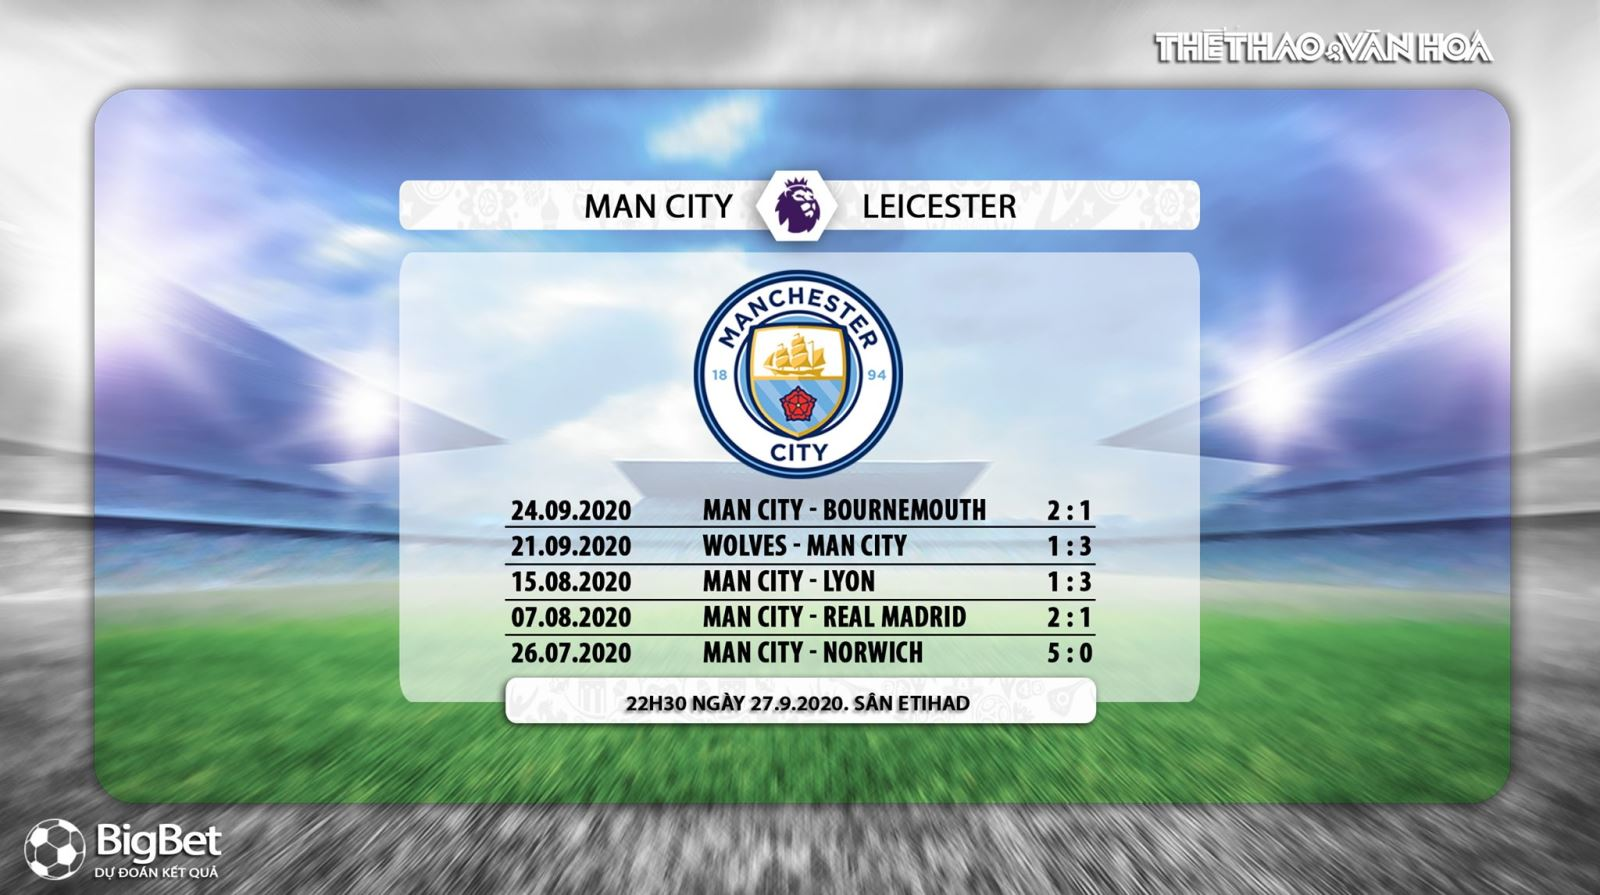 Truc tiep bong da, K+, Man City vs Leicester, Bóng đá Anh, Kèo nhà cái, Xem K+PM, xem bóng đá trực tiếp Man City đấu với Leicester City, bóng đá trực tuyến, Man City